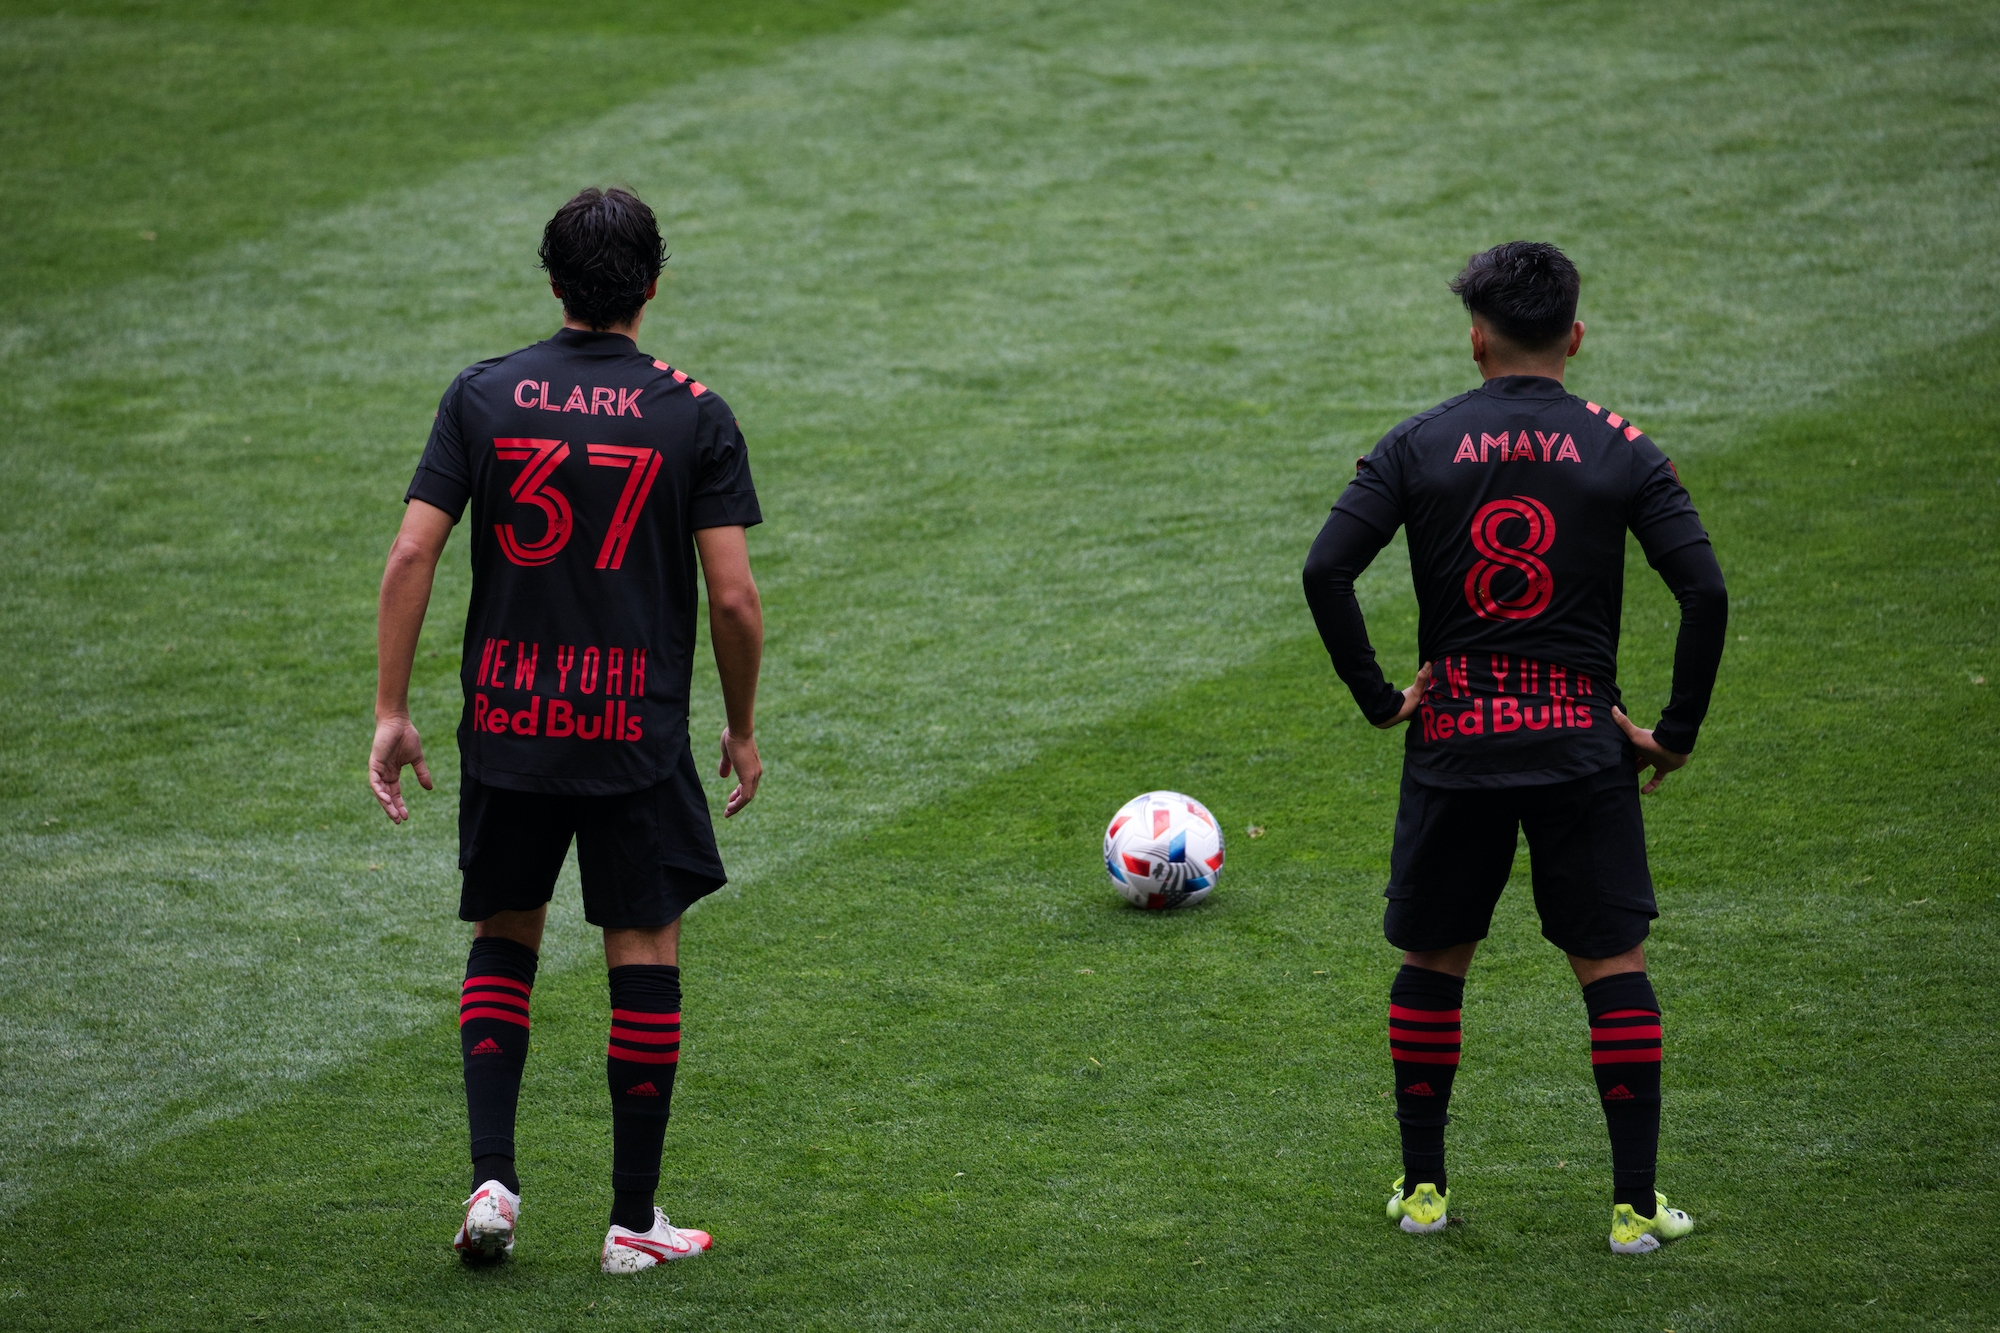 red bulls, mls, soccer, jsn